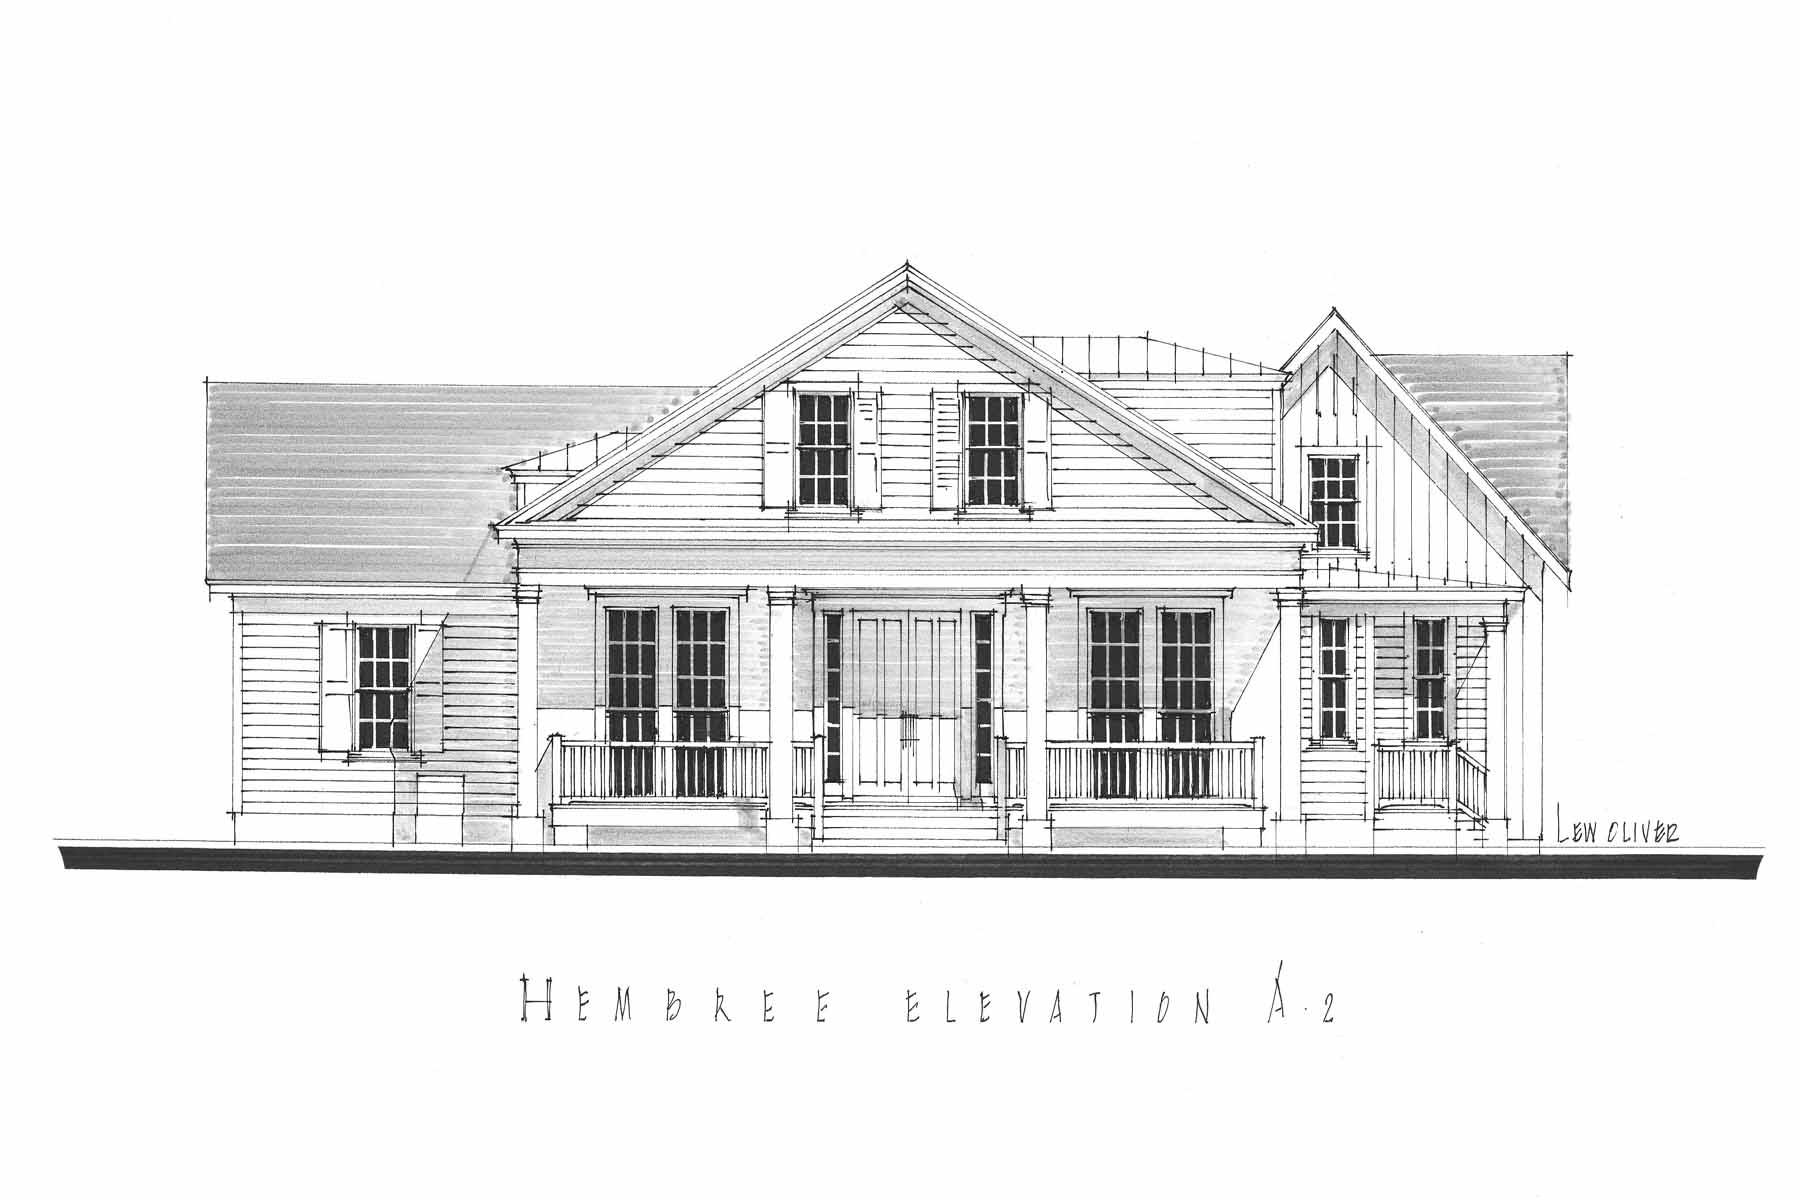 Einfamilienhaus für Verkauf beim Destinctively Designed Farmhouse in Hembree Circa 1835 755 Hembree Roswell, Georgia, 30076 Vereinigte Staaten